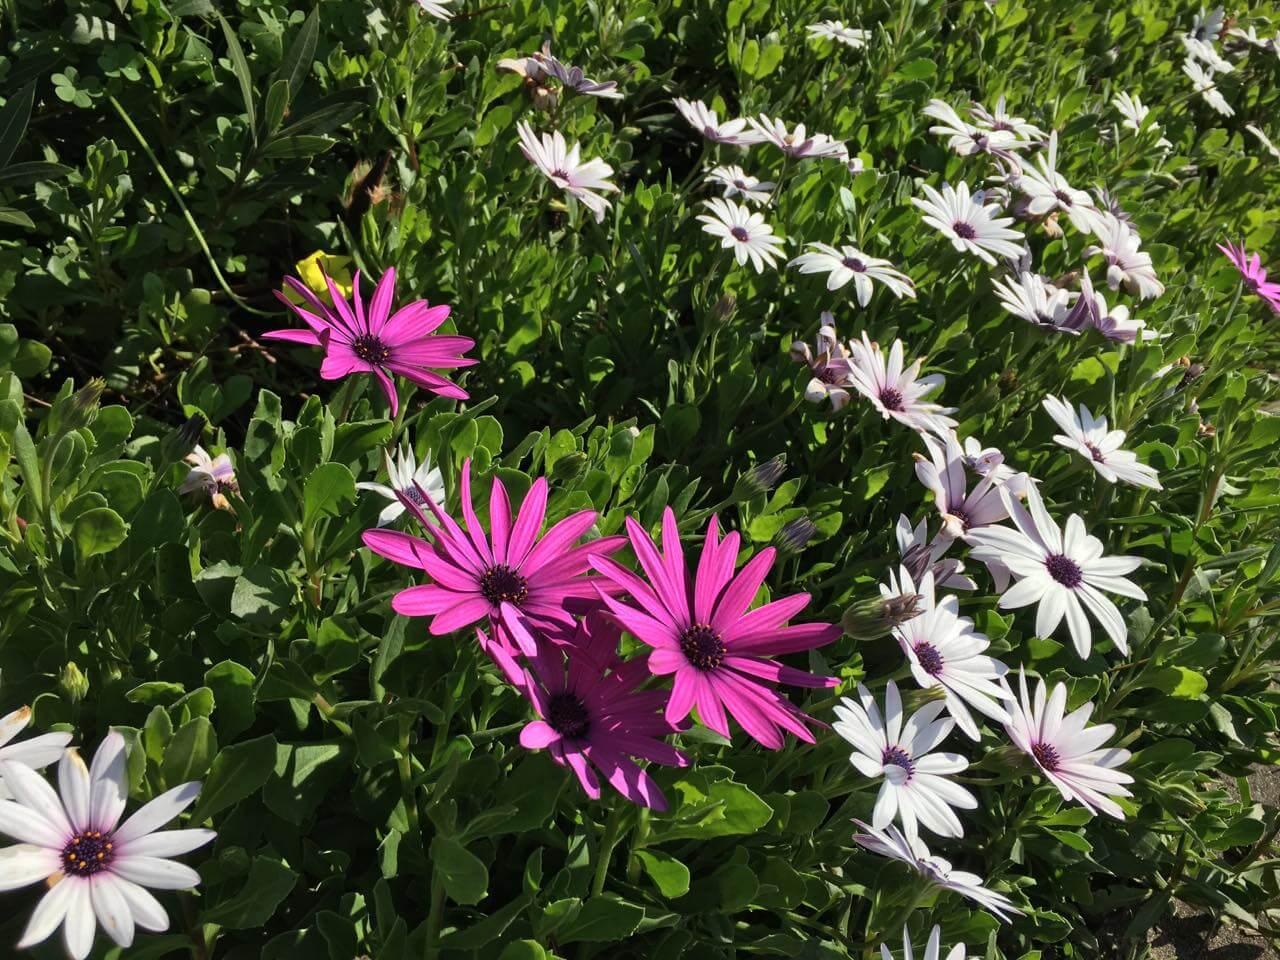 flores de primavera -O que fazem já aqui ervas temporonas e flores imaturas